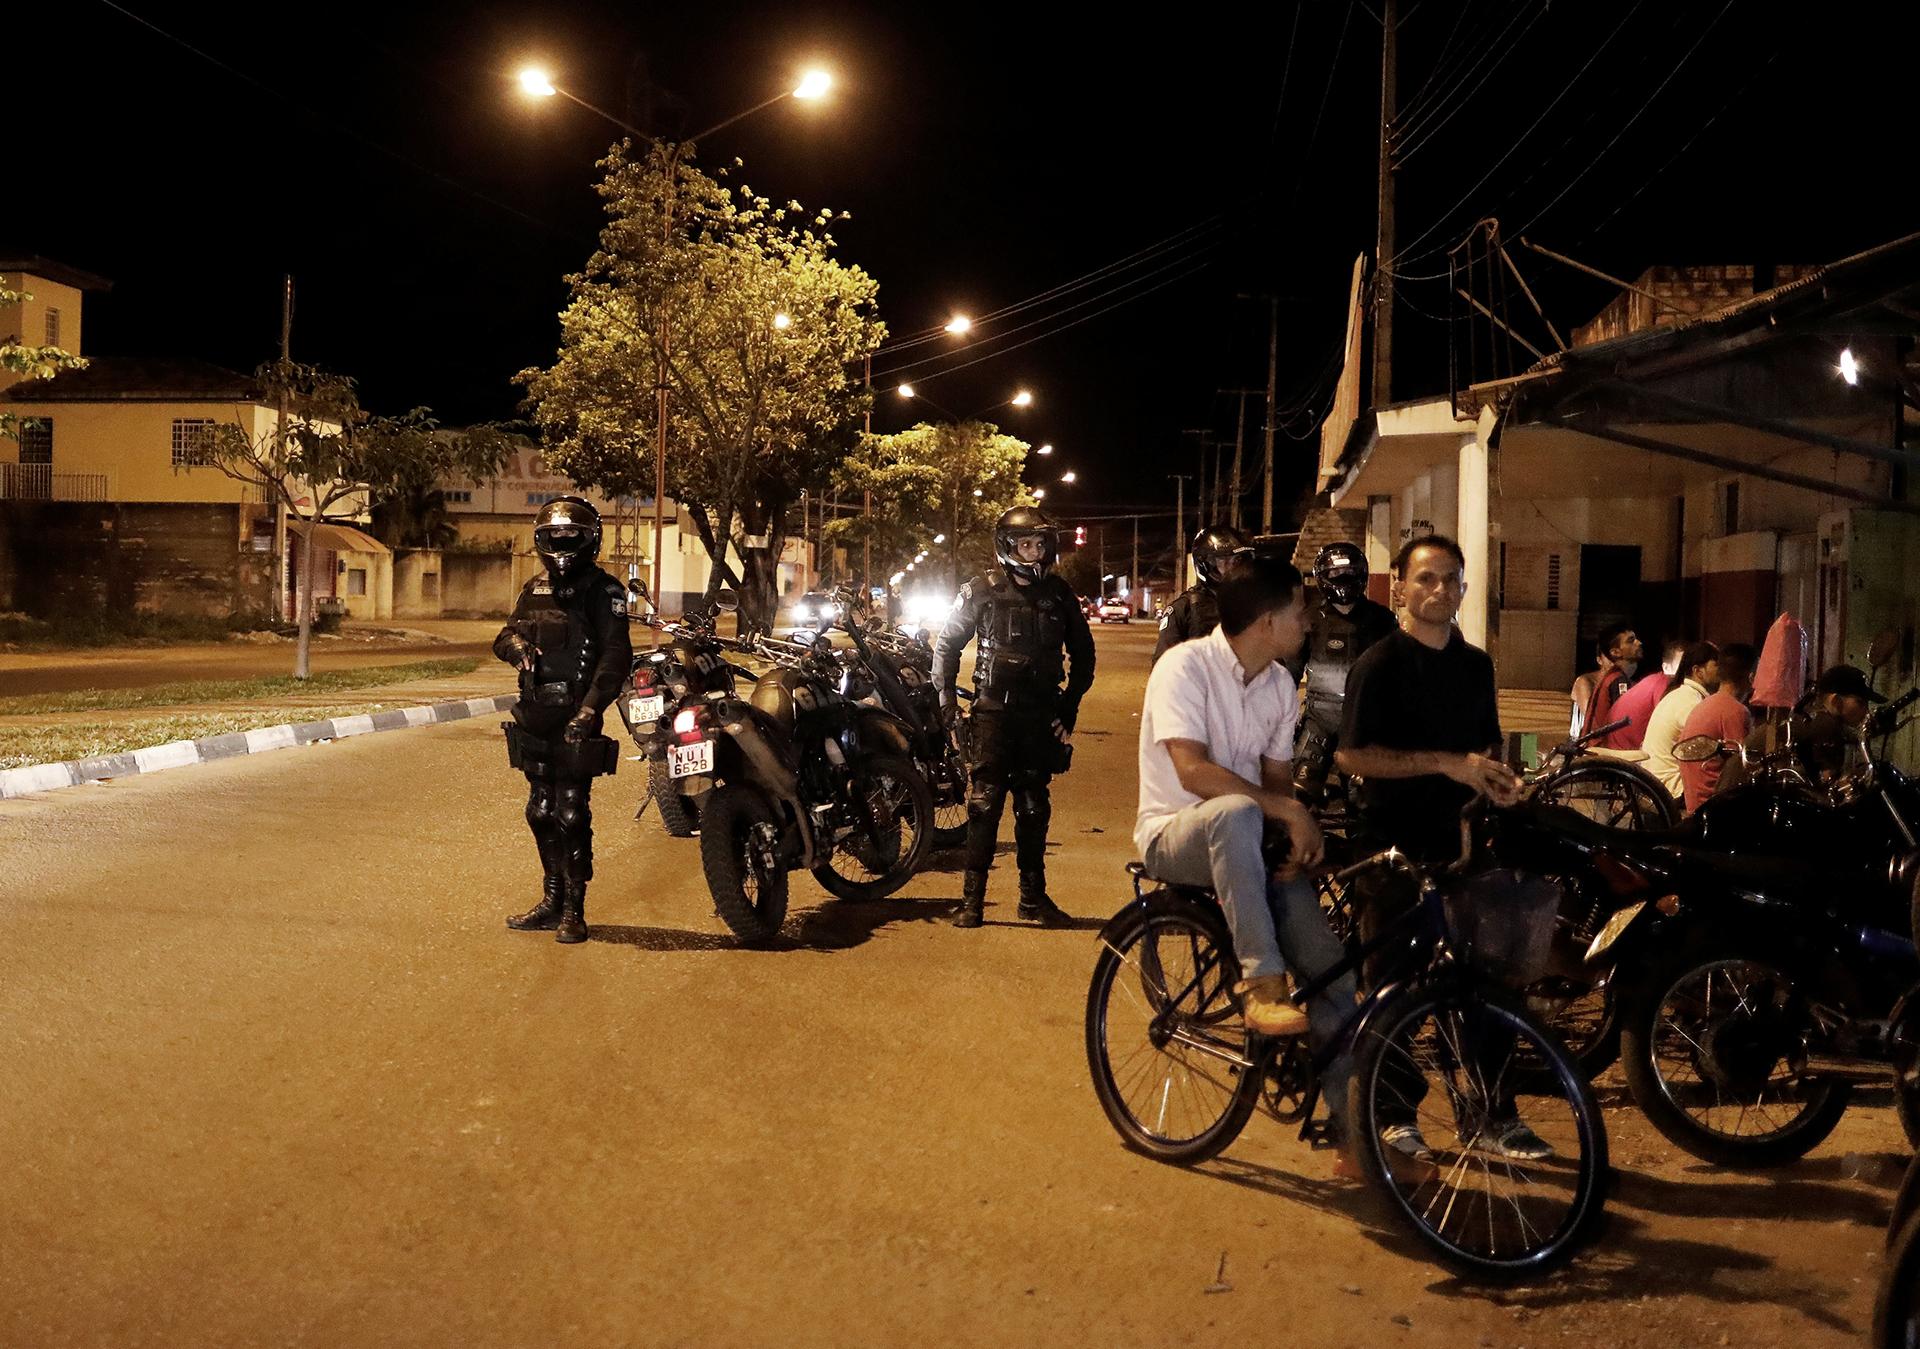 Aunque el trabajo es escaso en la ciudad de 300.000 habitantes, las modestas perspectivas en Boa Vista atraen más a los venezolanos que su propio país (REUTERS)